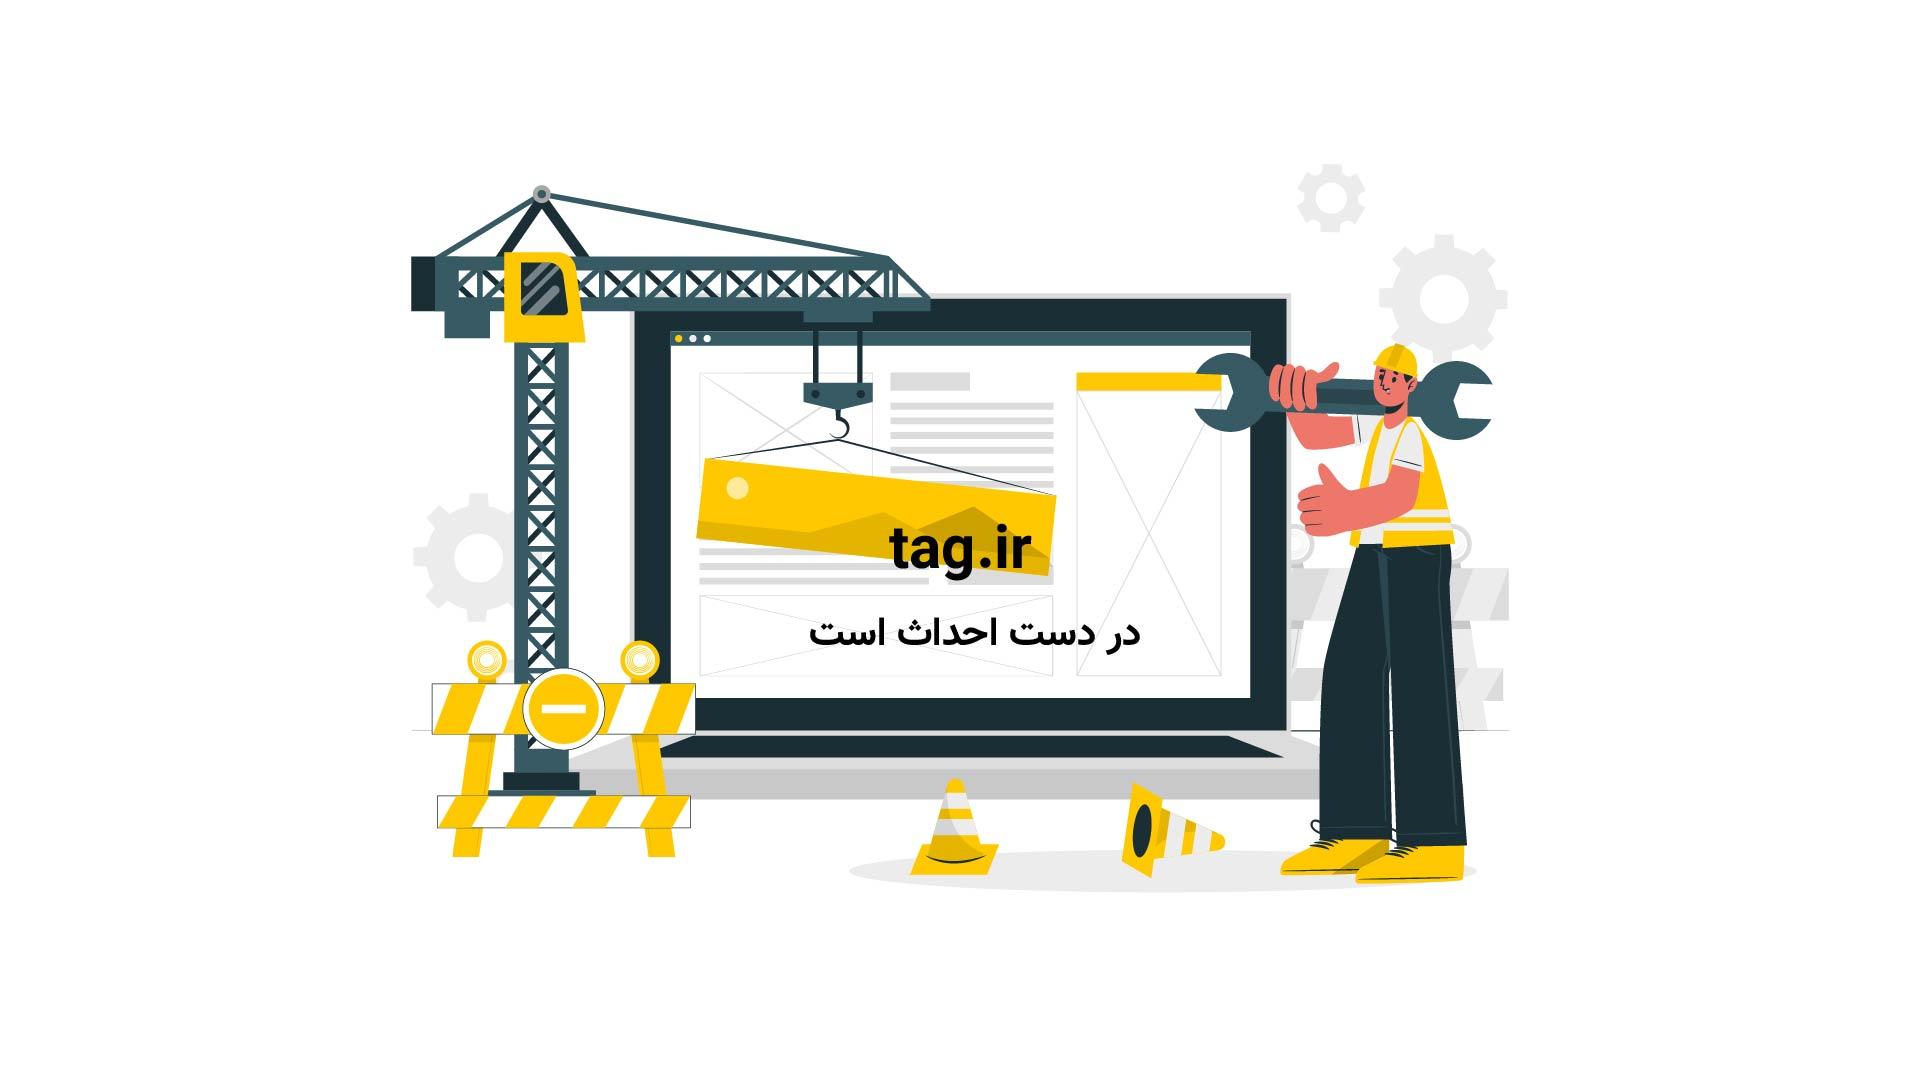 تکنیک نقاشی با آبرنگ؛ آموزش مقدماتی کشیدن ابر | فیلم